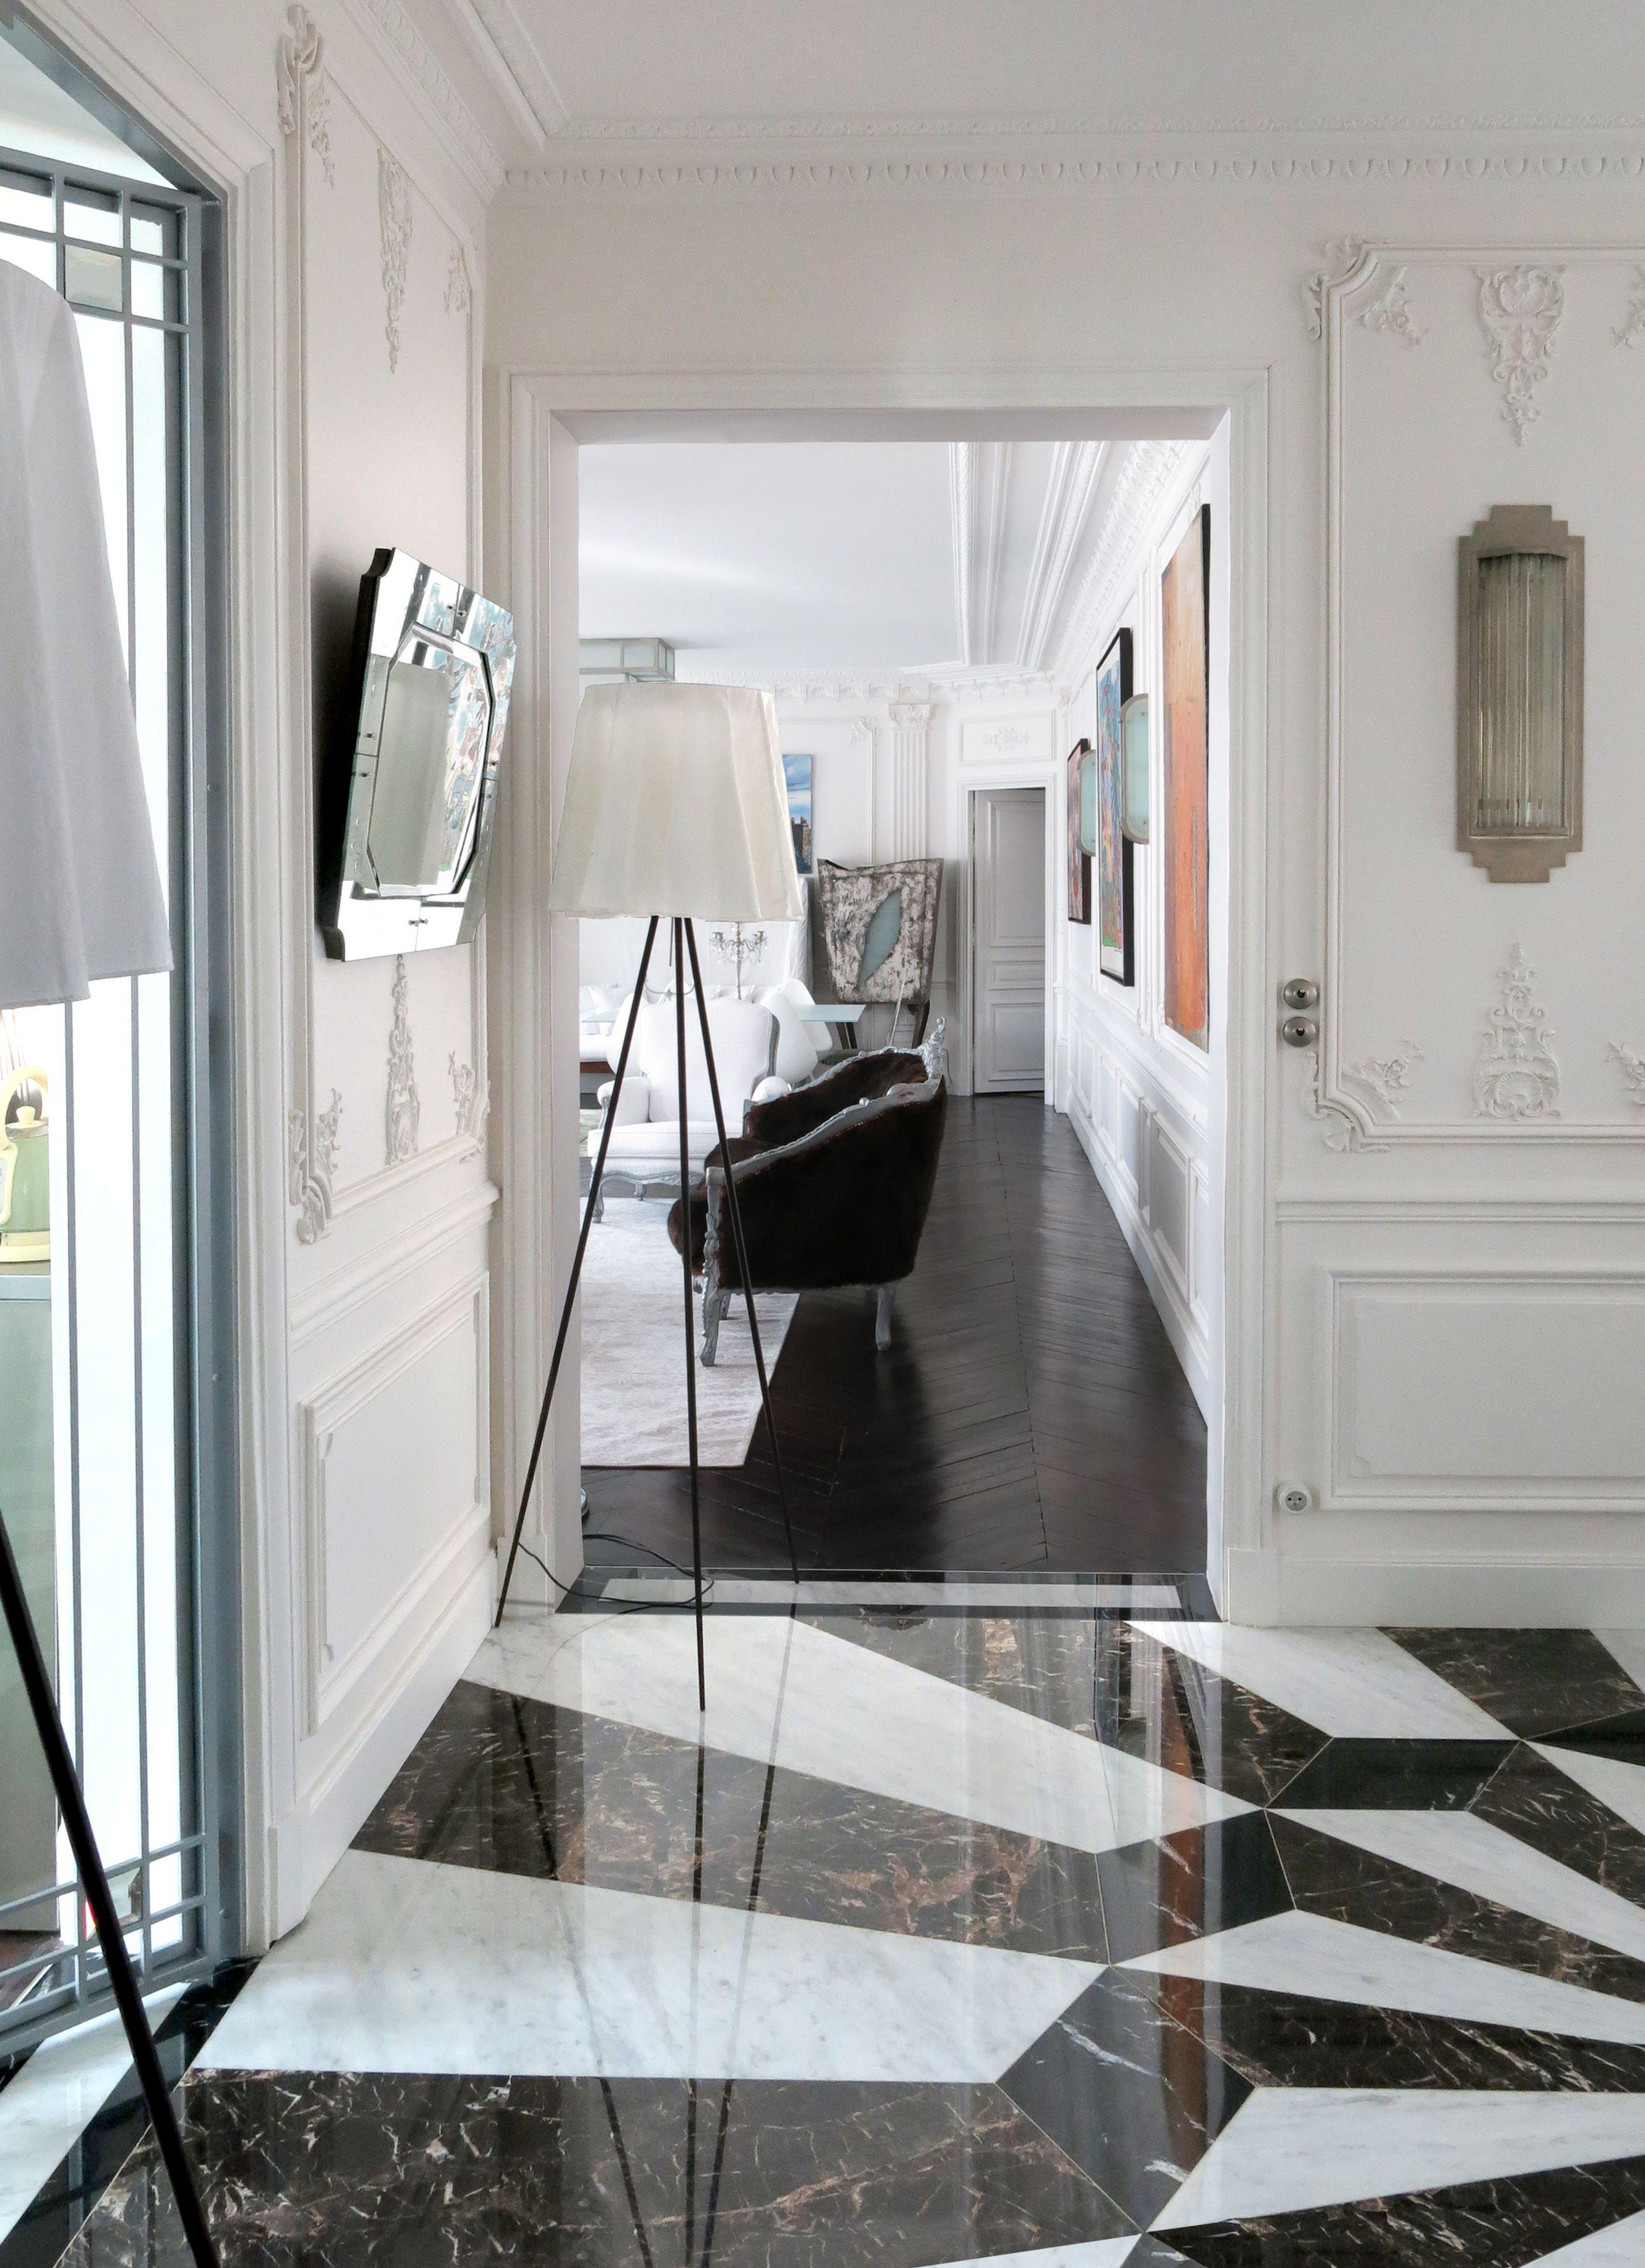 Entree Sol Marbre Noir Marquina Blanc Carrare Noir Saint Laurent Moulures Parquet Noir Applique Idee Deco Appartement Deco Marbre Style Art Deco